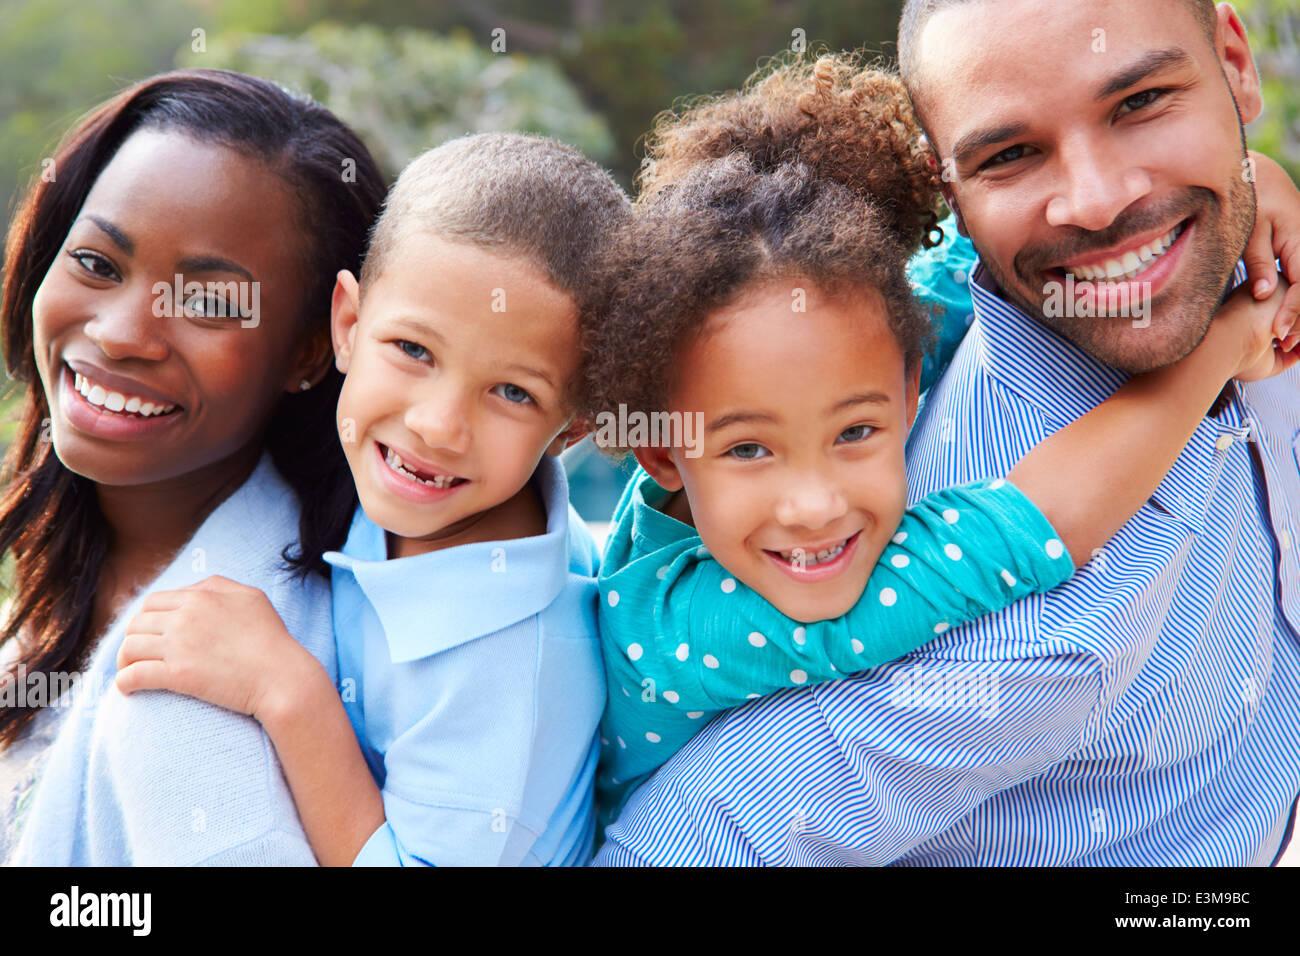 Ritratto di famiglia americana africana In campagna Immagini Stock